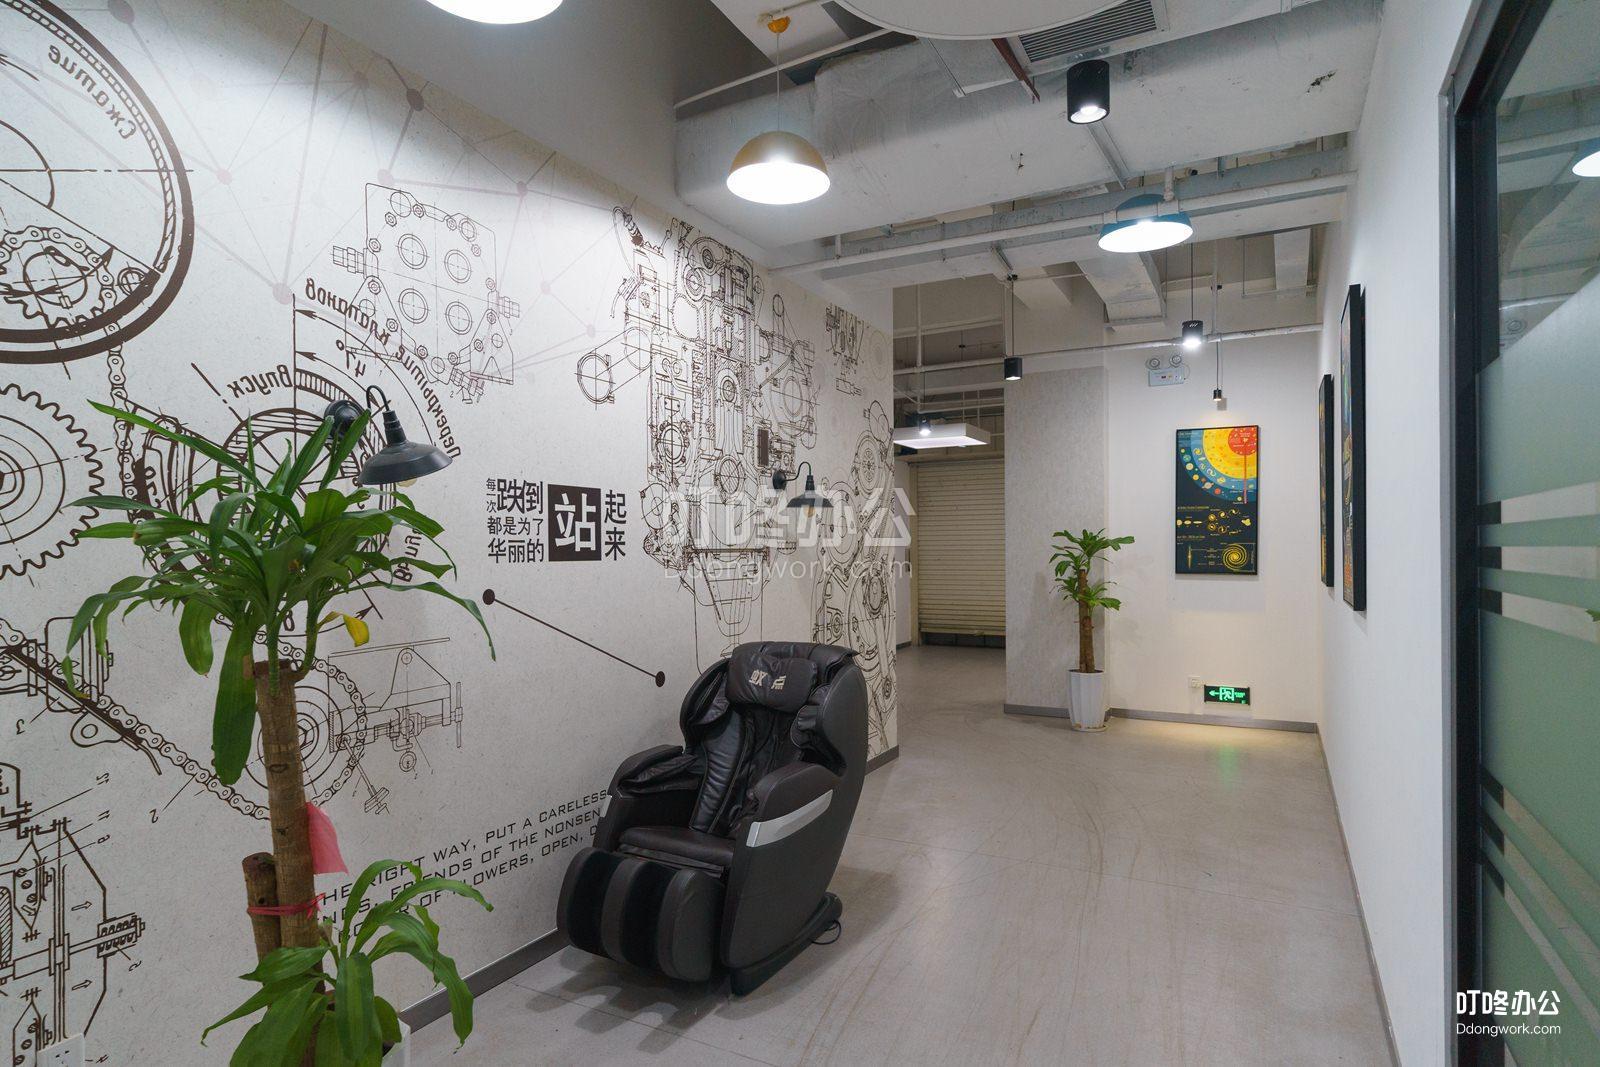 蓝马创业 · 蓝马智造园站走廊